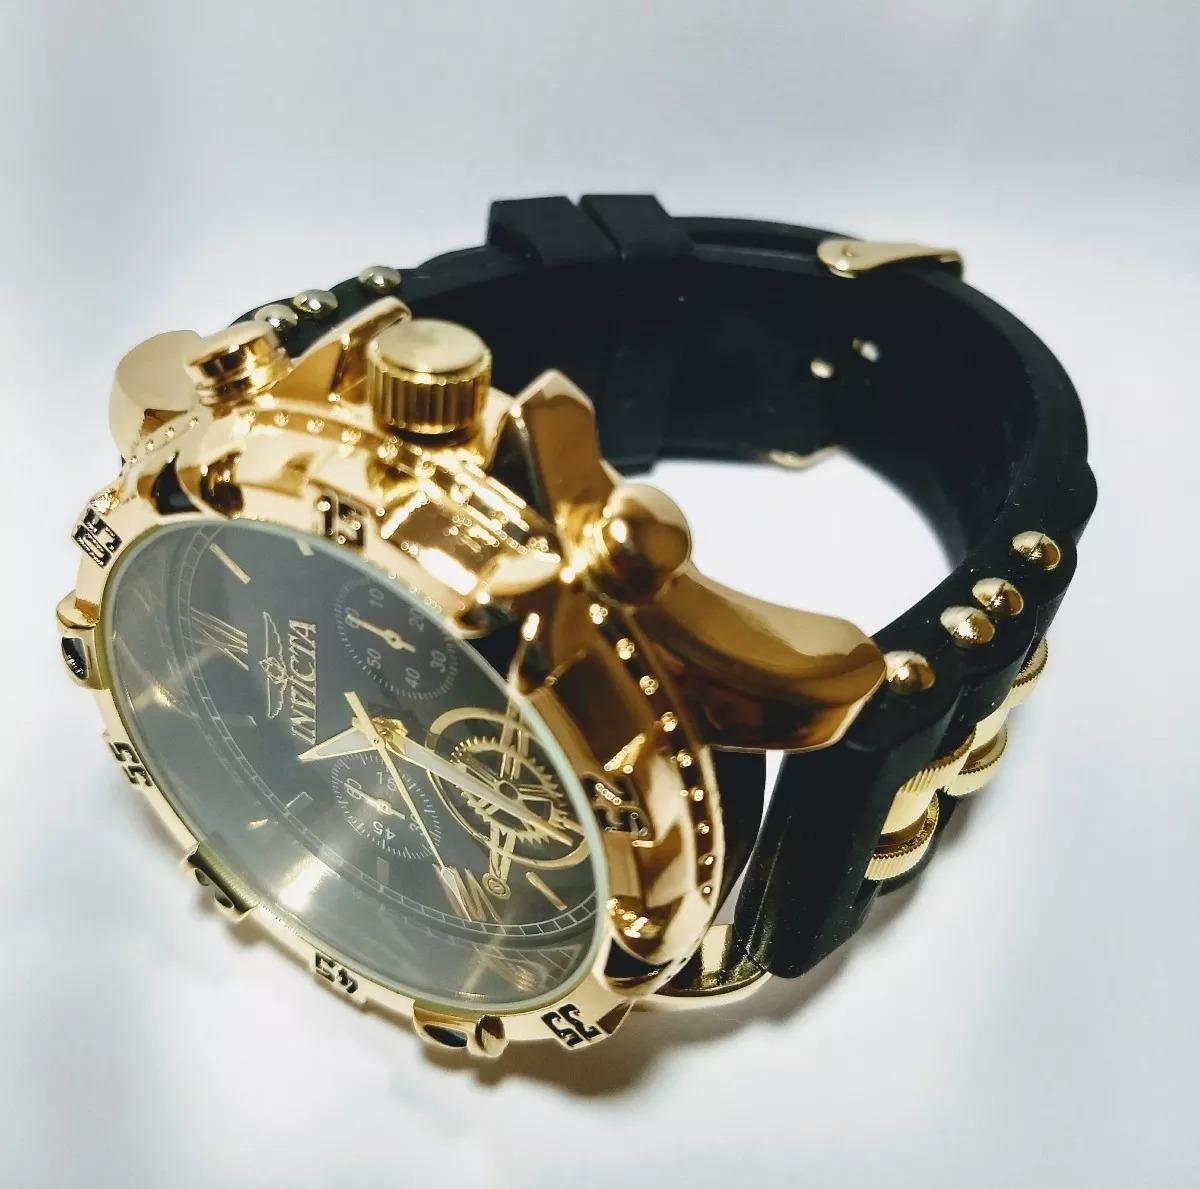 5cbc0e41550 relógios top invicta -temos outras marcas bvlgari-rolex etc. Carregando  zoom.